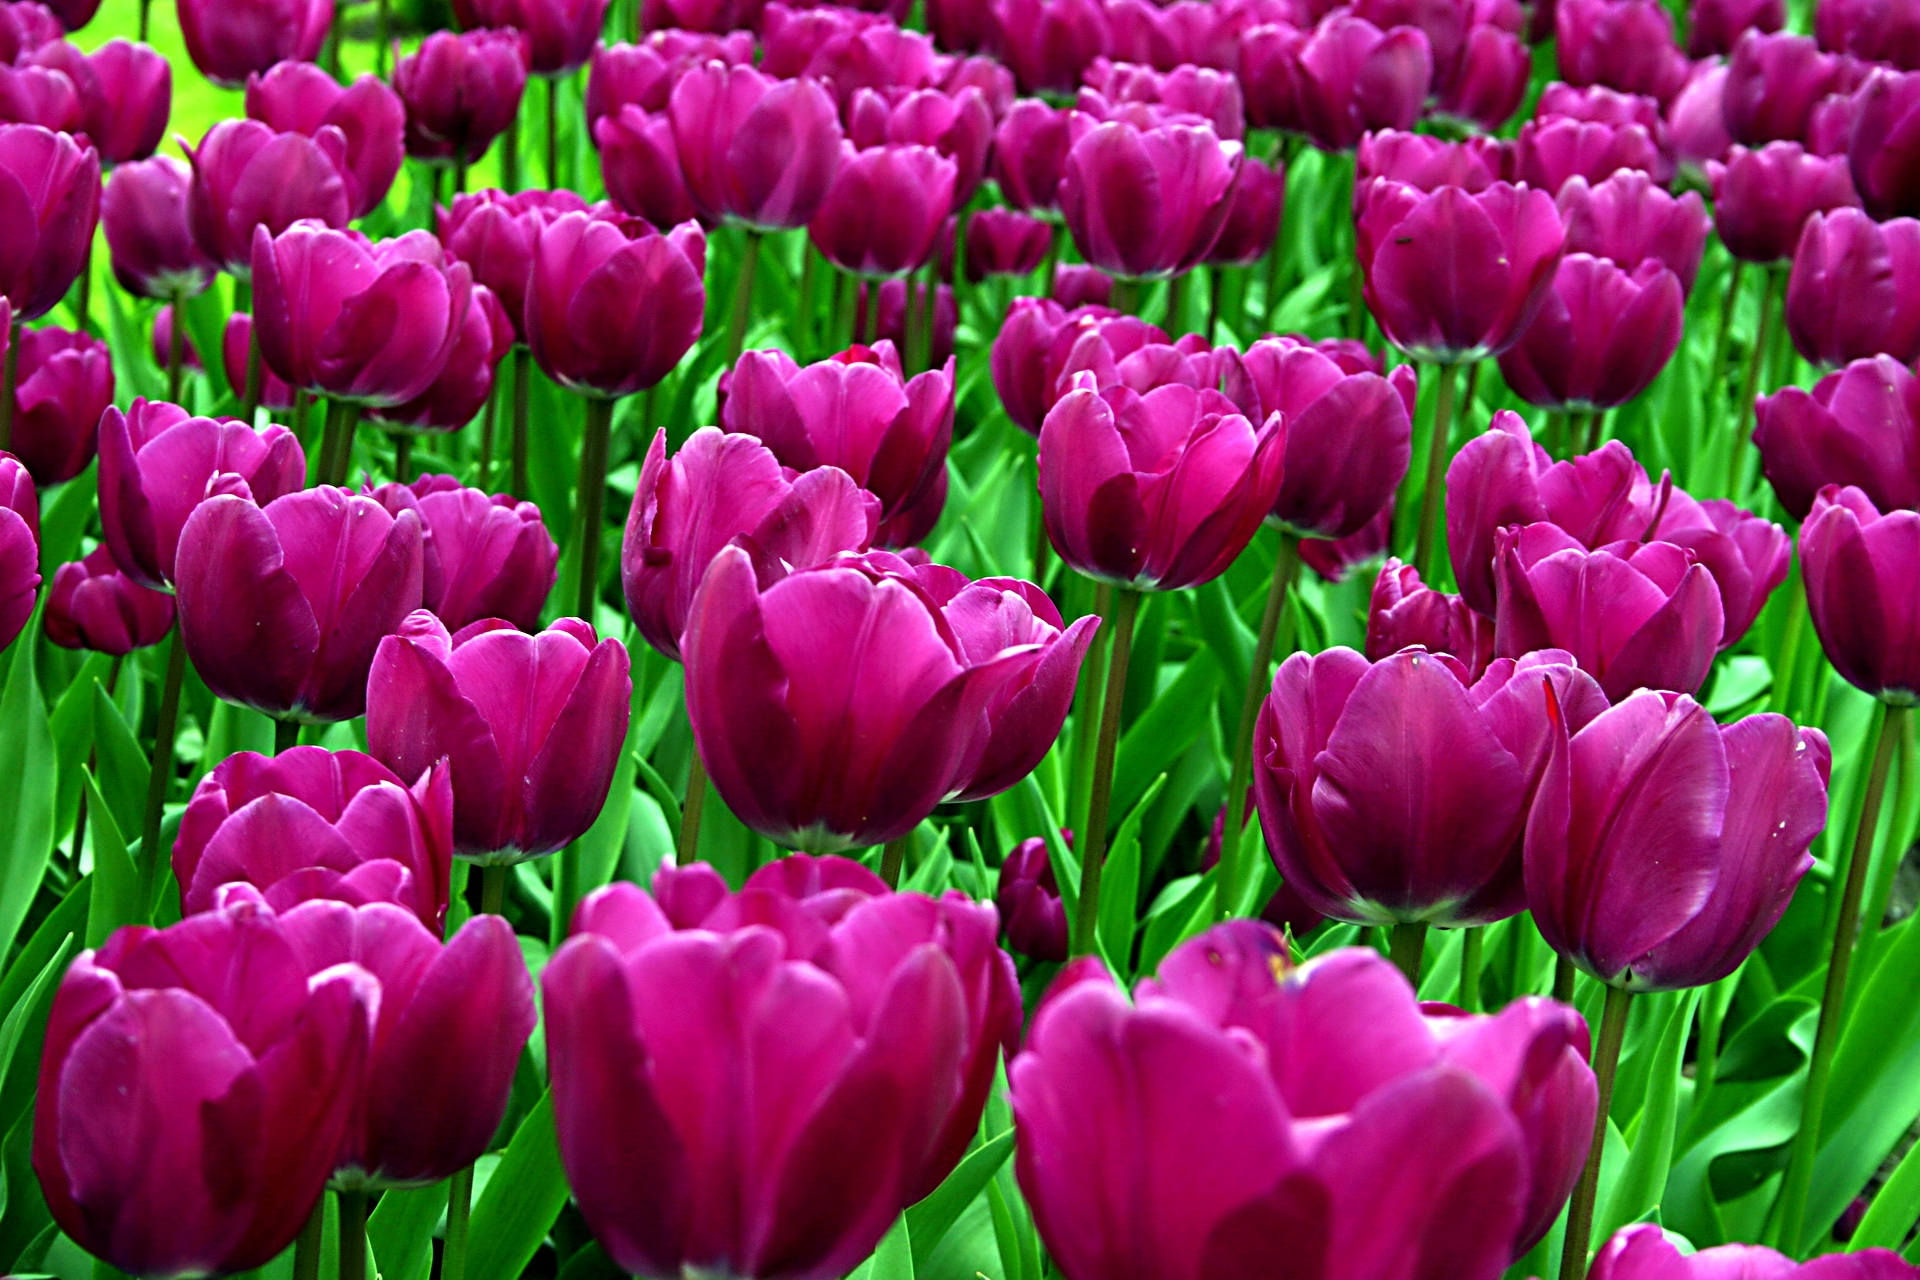 148194 скачать обои Распущенные, Цветы, Тюльпаны, Клумба, Солнечно - заставки и картинки бесплатно